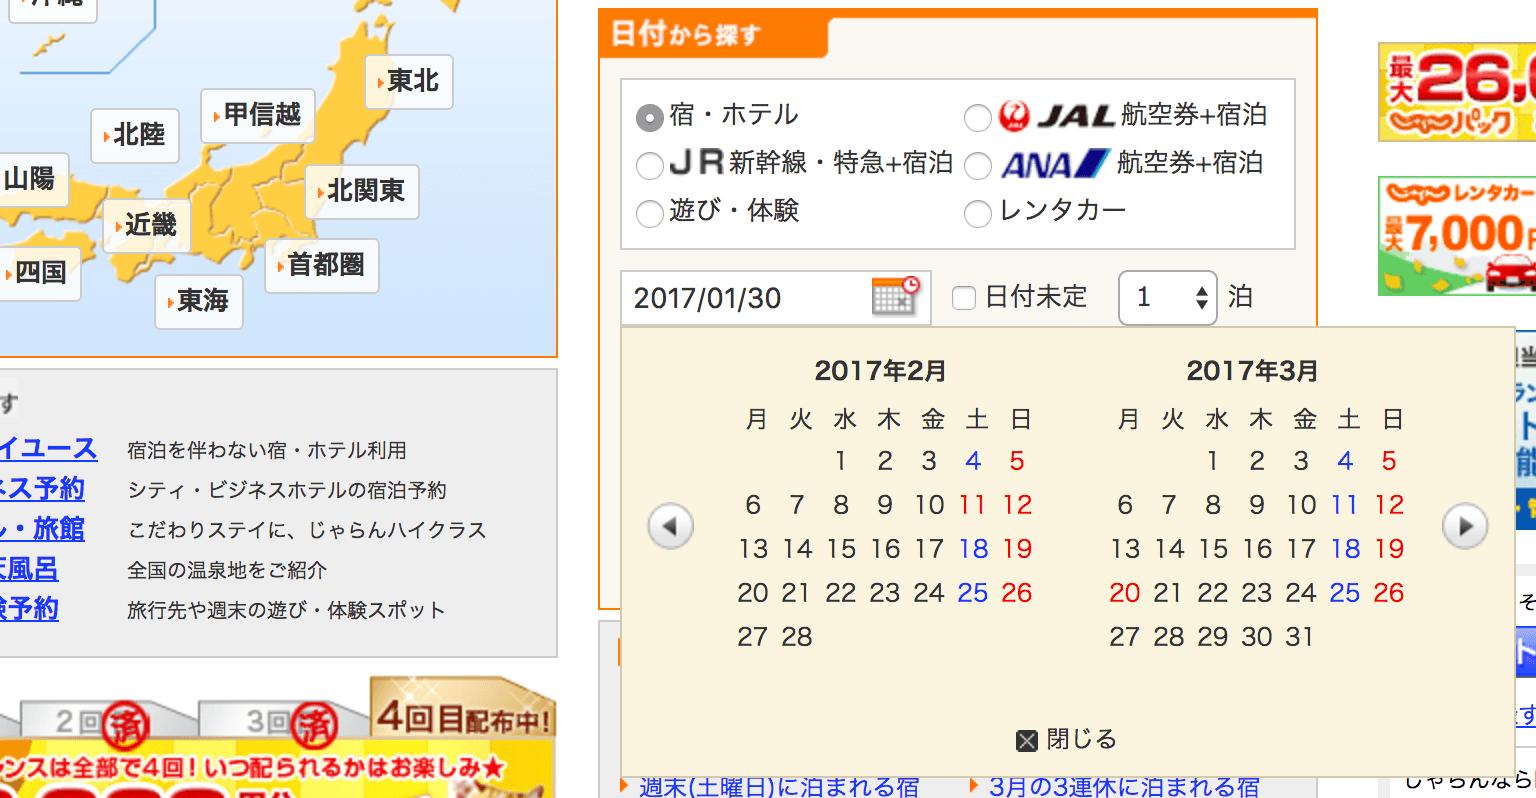 じゃらん(PC版)の日付選択画面(2017年1月29日現在)